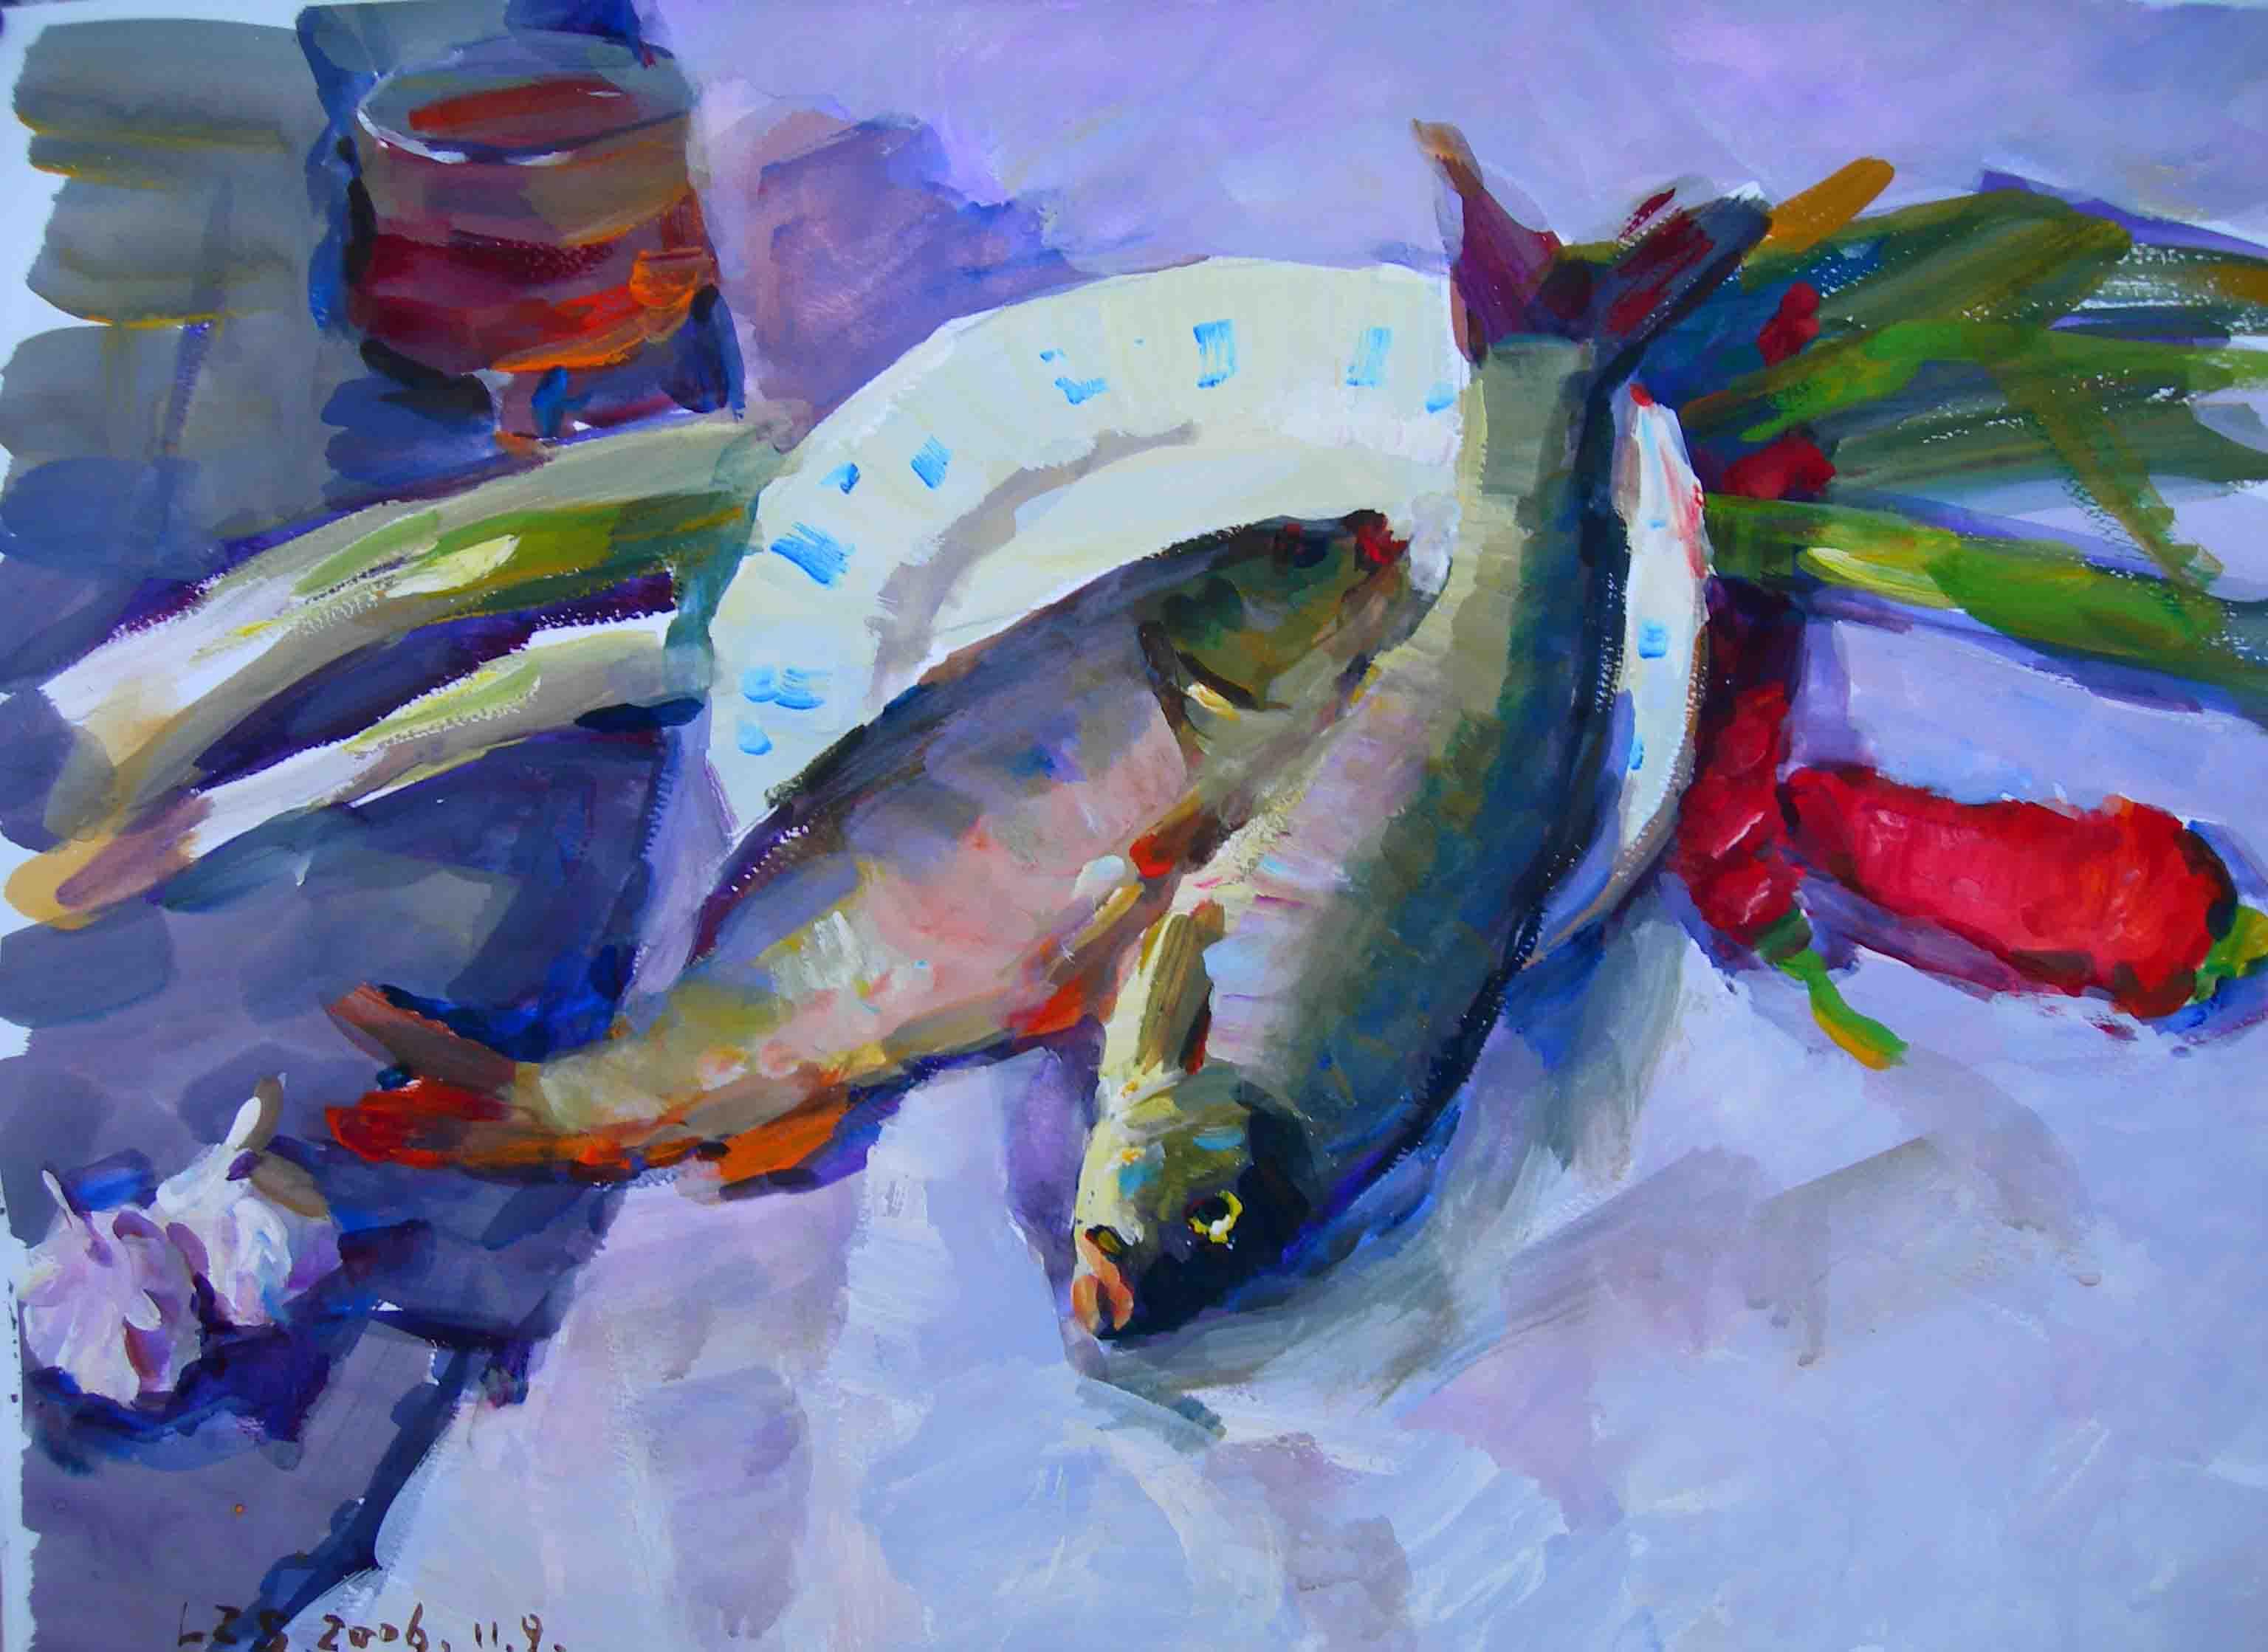 蔬菜和鱼类是考试中常有的物体,其绘画的难点是:由于考生对蔬菜和鱼类的形状与色彩不够熟悉,难以表现生动。最常考的蔬菜有西红柿、茄子、蒜、白菜、胡萝卜、辣椒、土豆、洋葱等,以下介绍较为典型的几种蔬菜、鱼类的画法。 (一)、鱼类的画法 鱼可分鱼头、鱼身、鱼尾三部分。鱼头重点刻画、尤其要把握好鱼眼部分形状的塑造,鱼身用笔触塑造时应注意身体的体积感,鱼尾可简洁处理。在画鱼的过程中多注意色彩冷暖的推进,从而表现出鱼的立体惑和空间镶。   (二)、凉薯的画法。凉薯是一种常考题材,在画凉薯之前一定要仔细分析其形体和大小